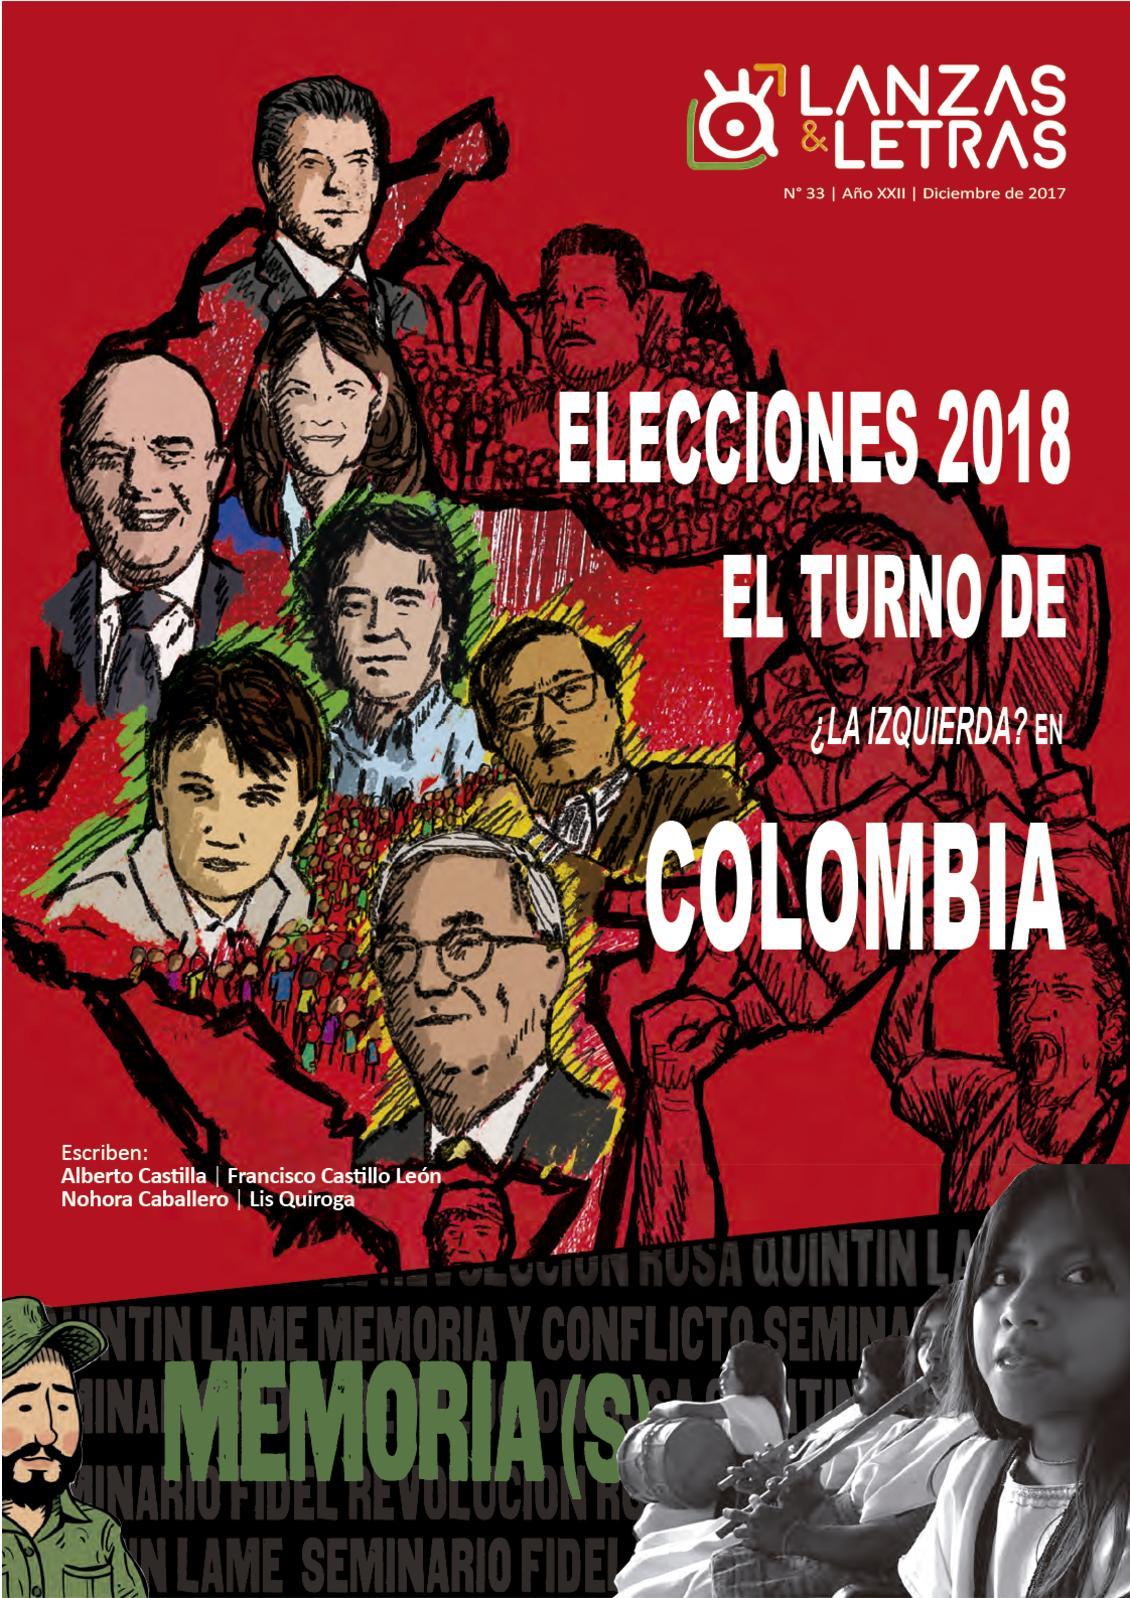 Lanzas33 Elecciones